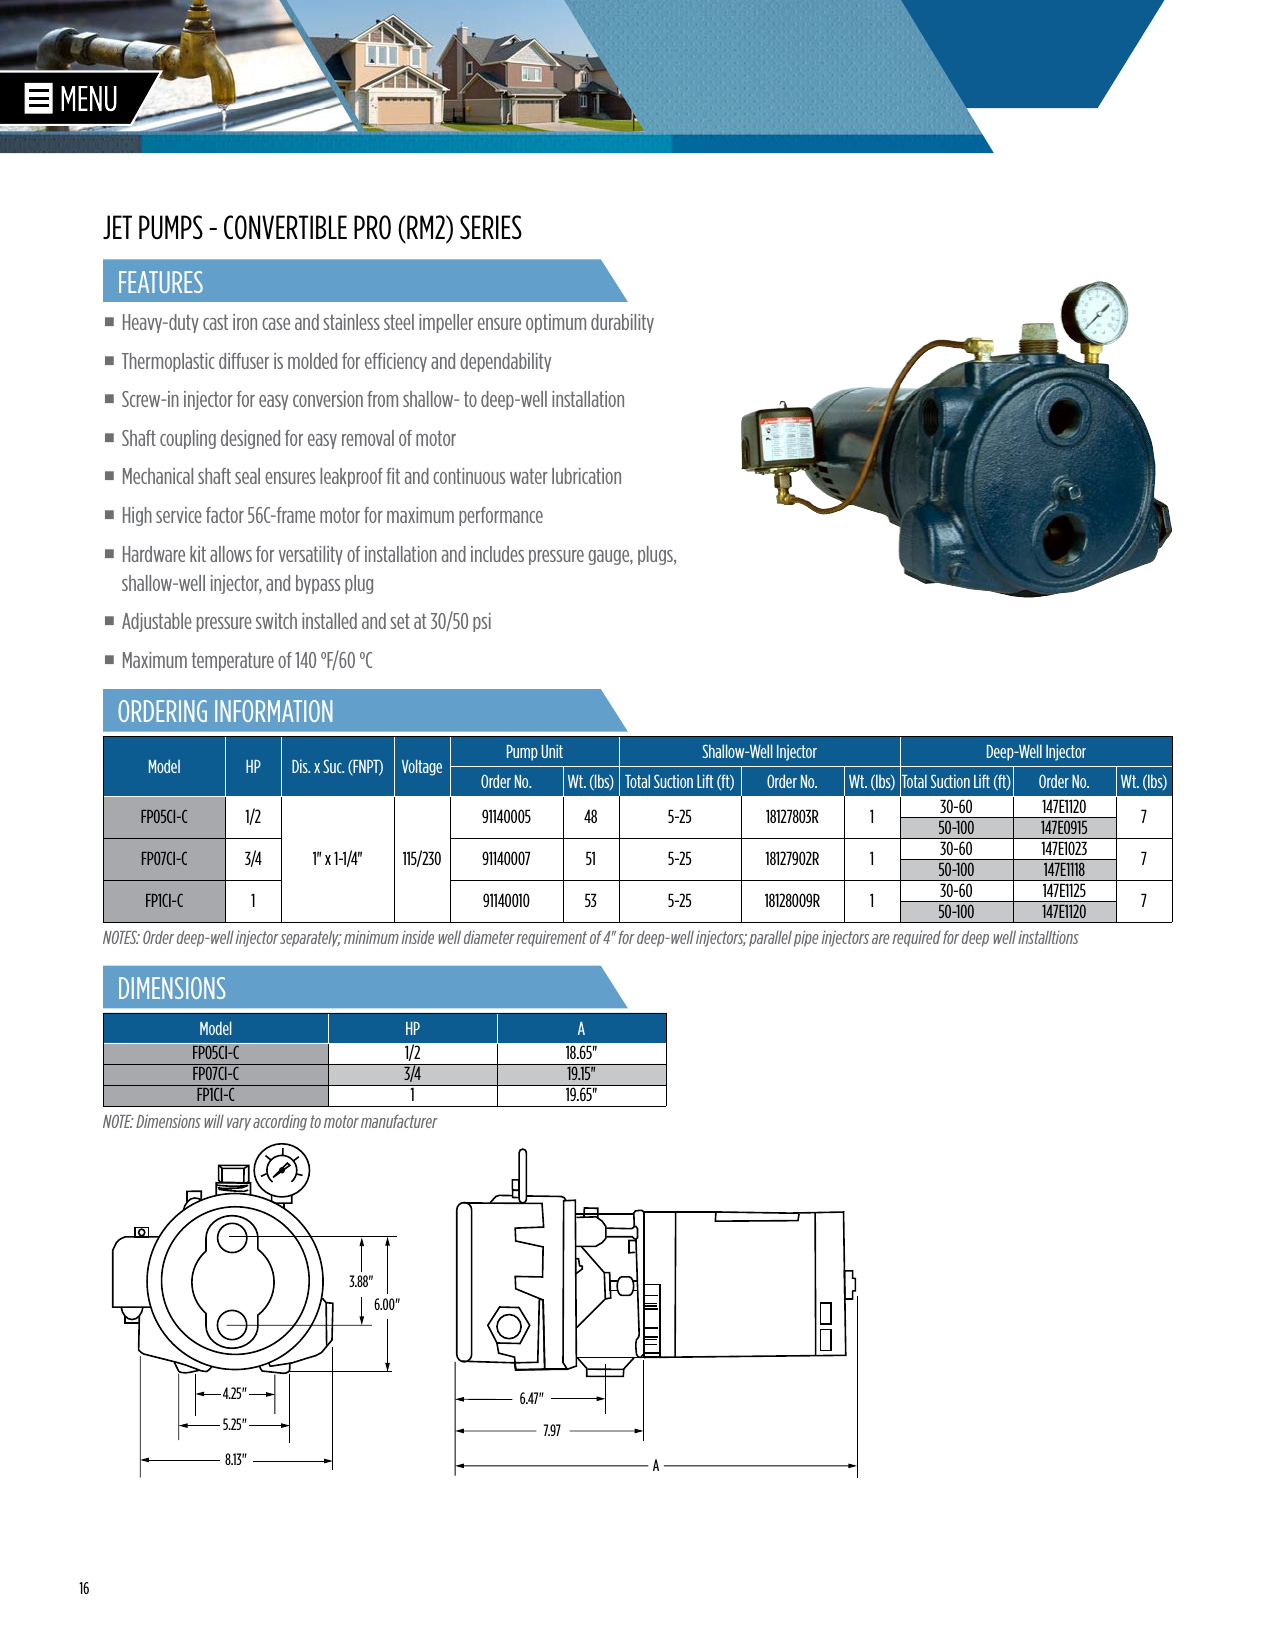 Giant Pump P422 Manual Guide